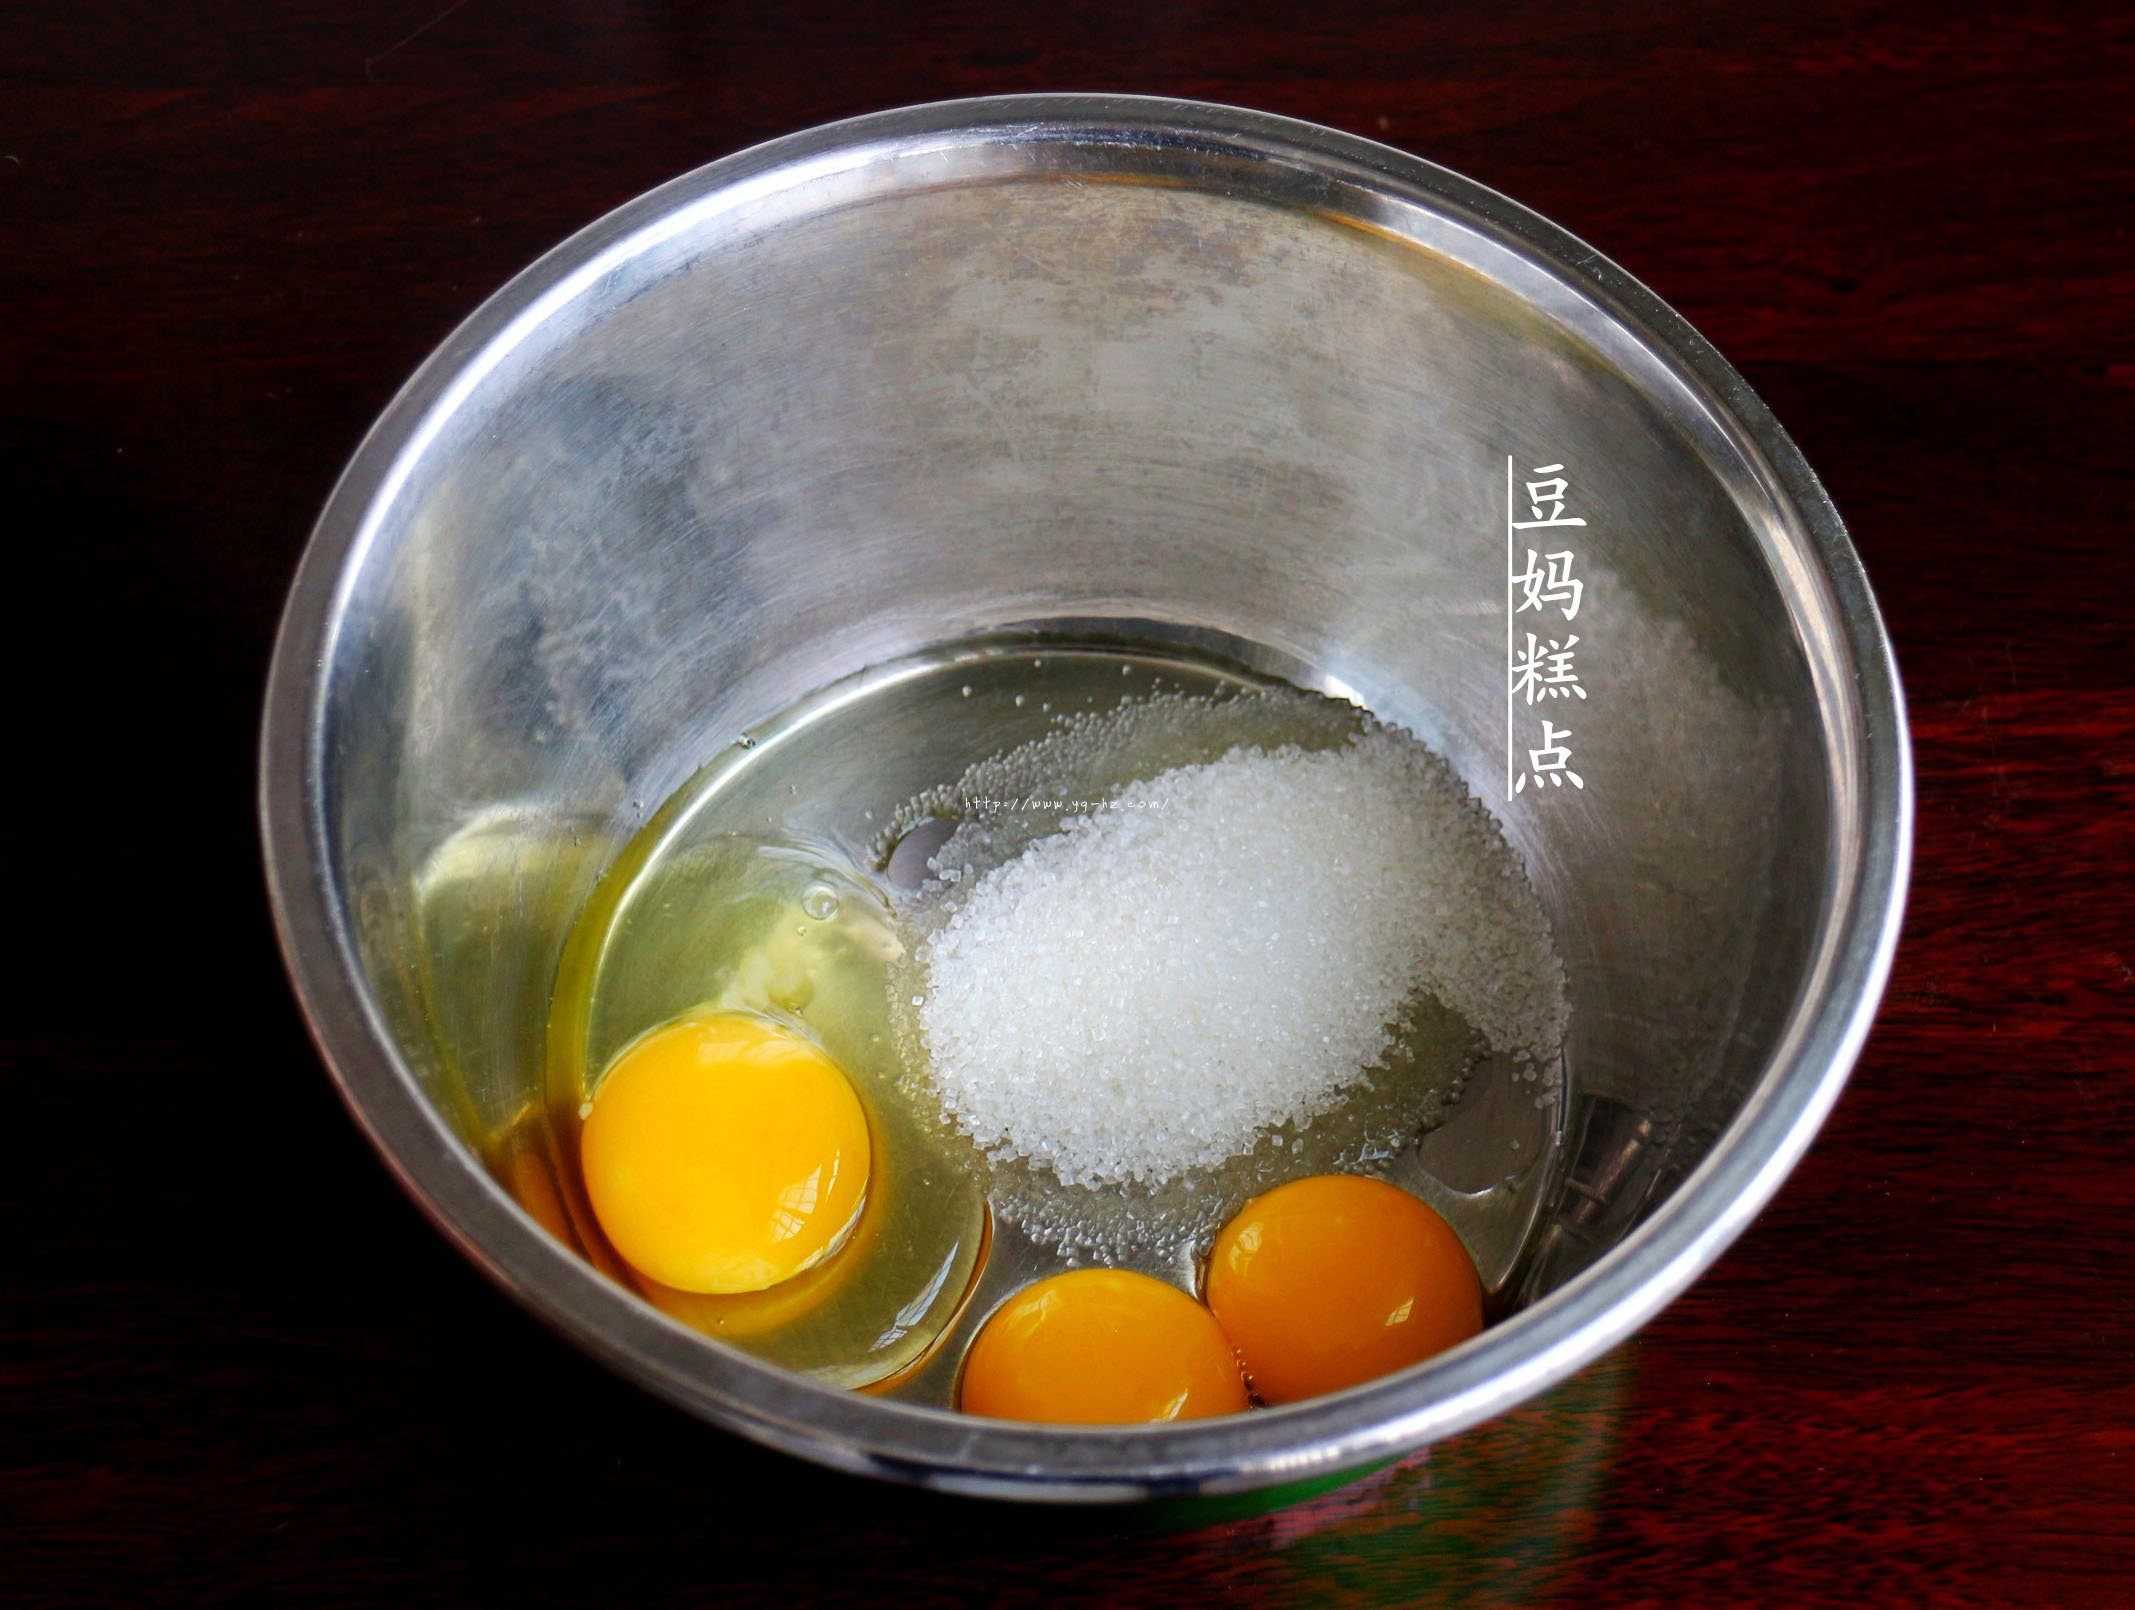 鸡蛋小饼干,又香又酥,比买的还好吃的做法 步骤2